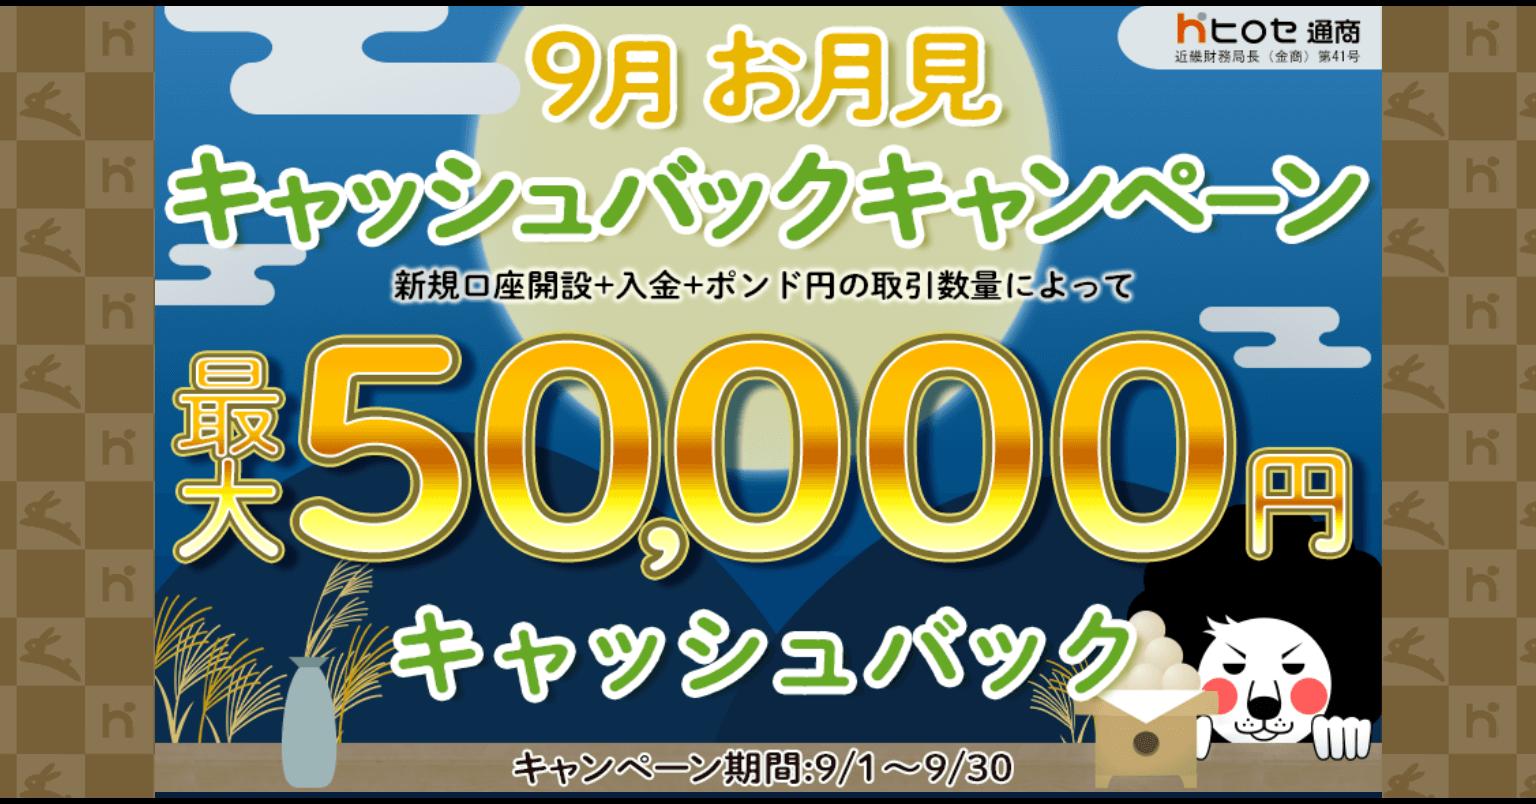 ヒロセ通商 口座開設キャンペーンは何と最大105万円!?